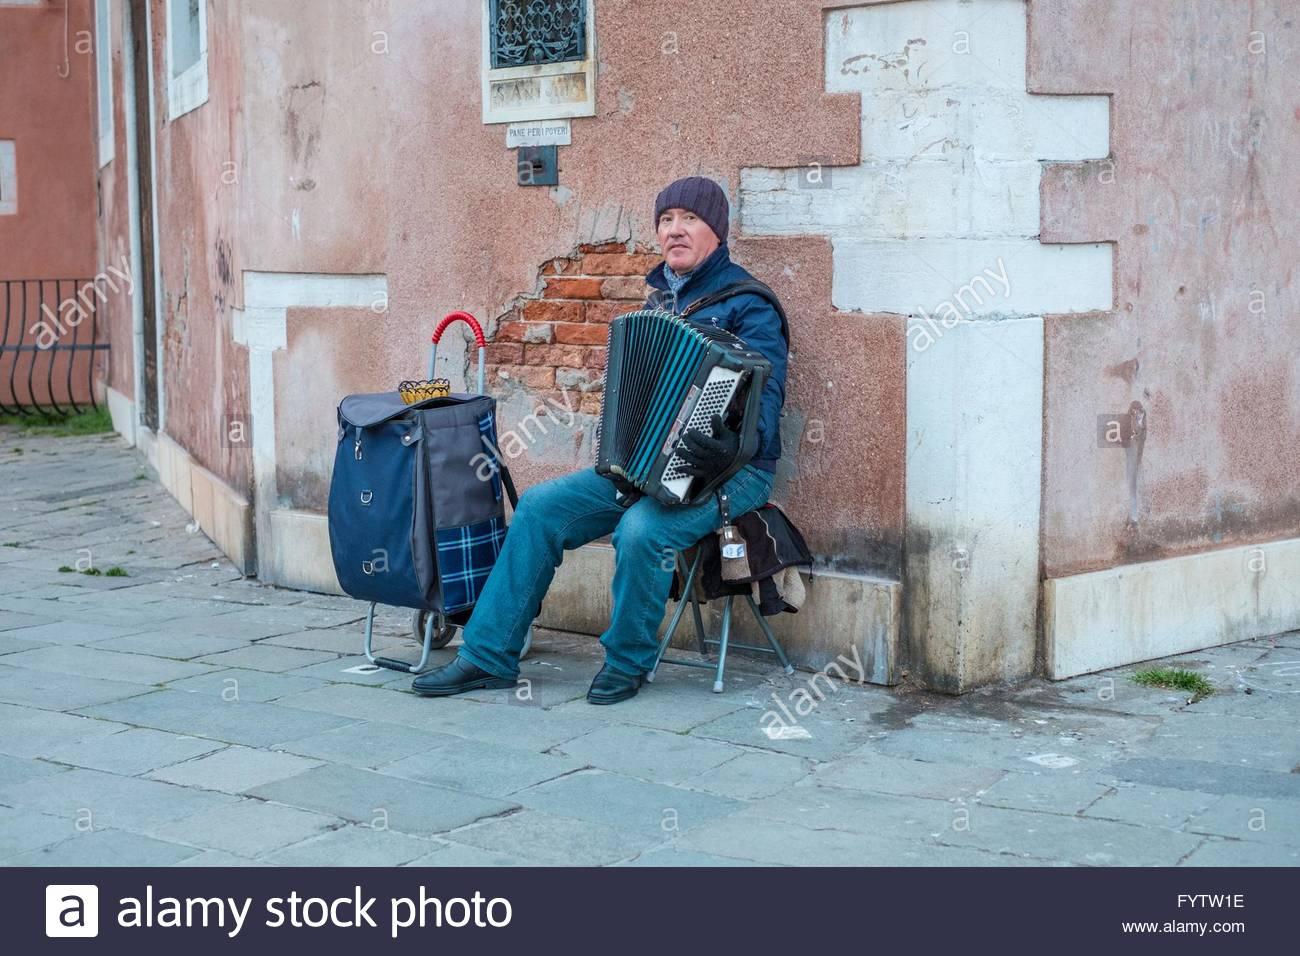 Musicista di strada, Venezia Italia. Immagini Stock